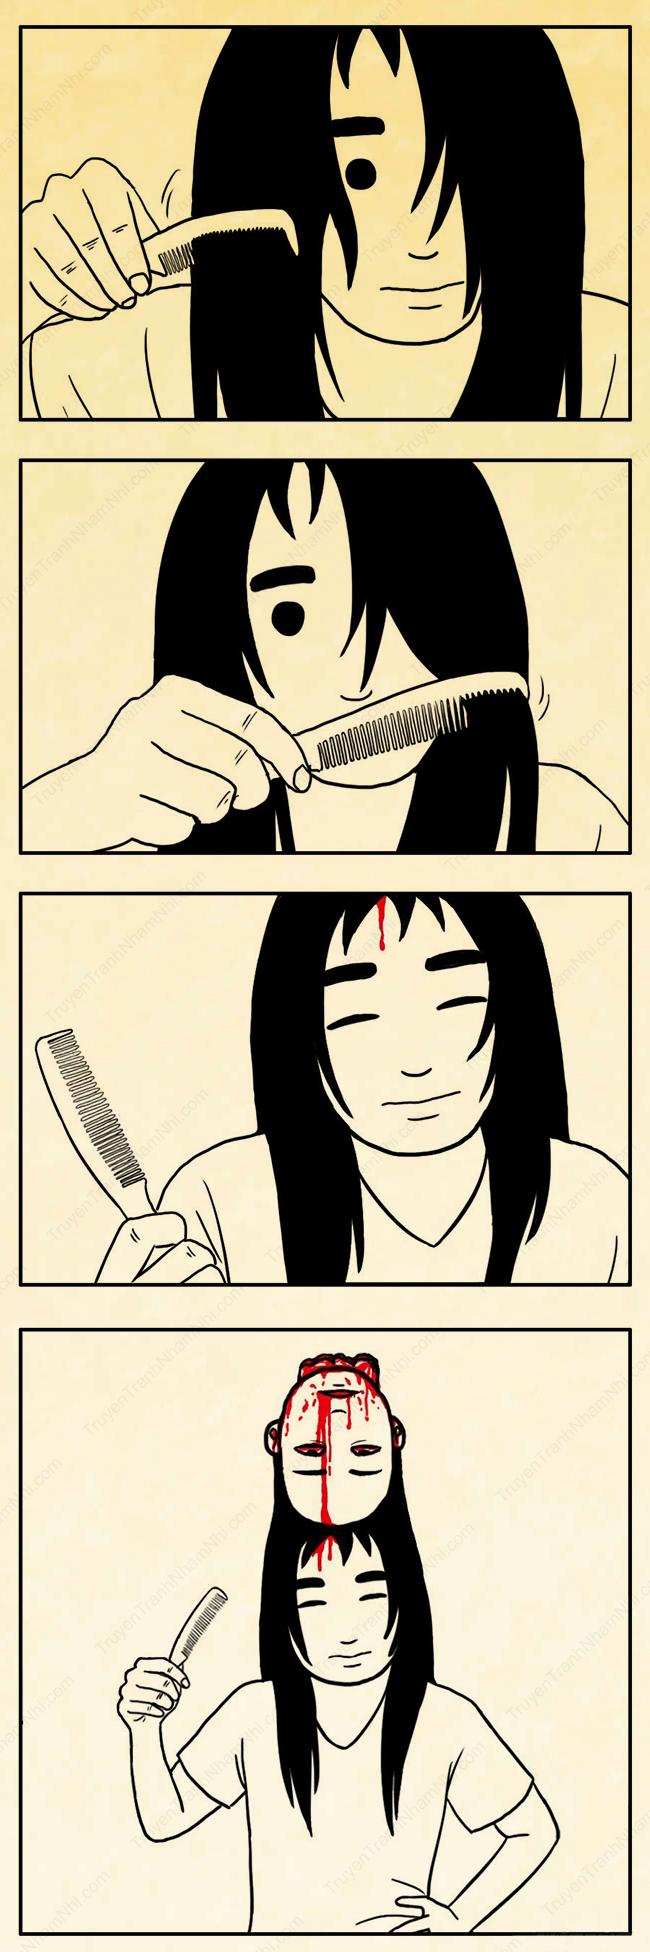 Nhảm Nhí Ký Sự #21: Chải tóc